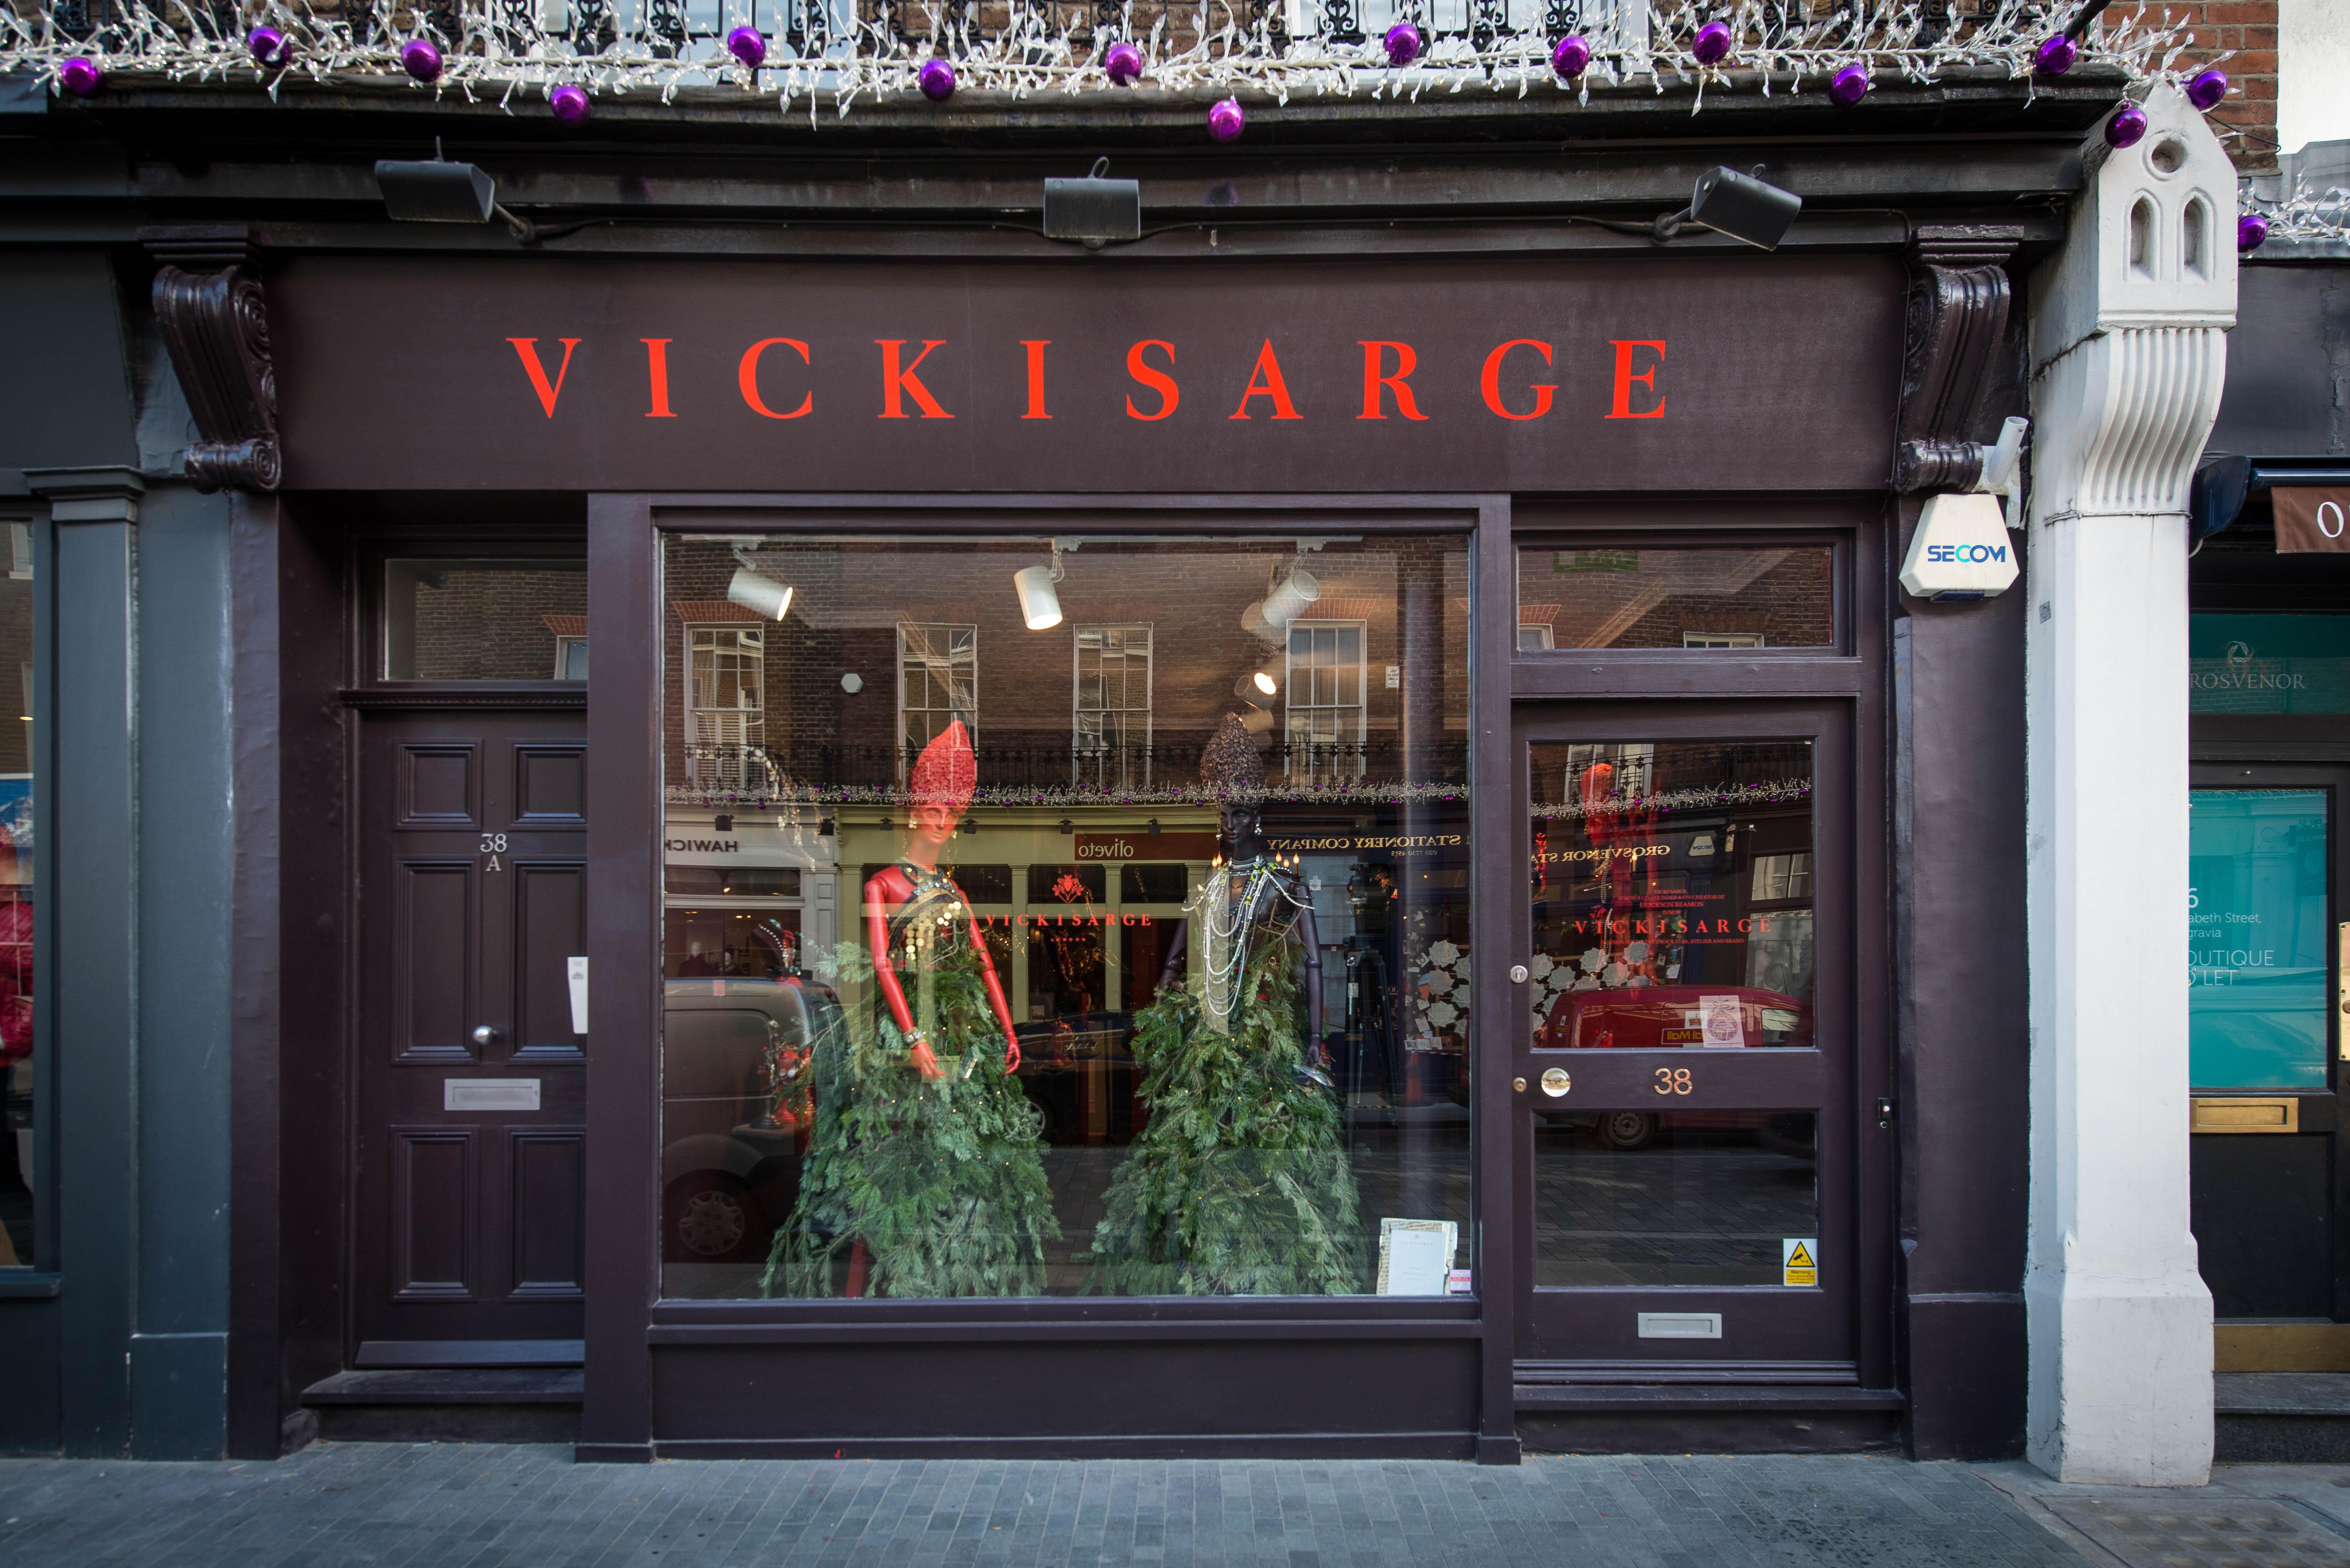 Vicki Sarge shop exterior shot